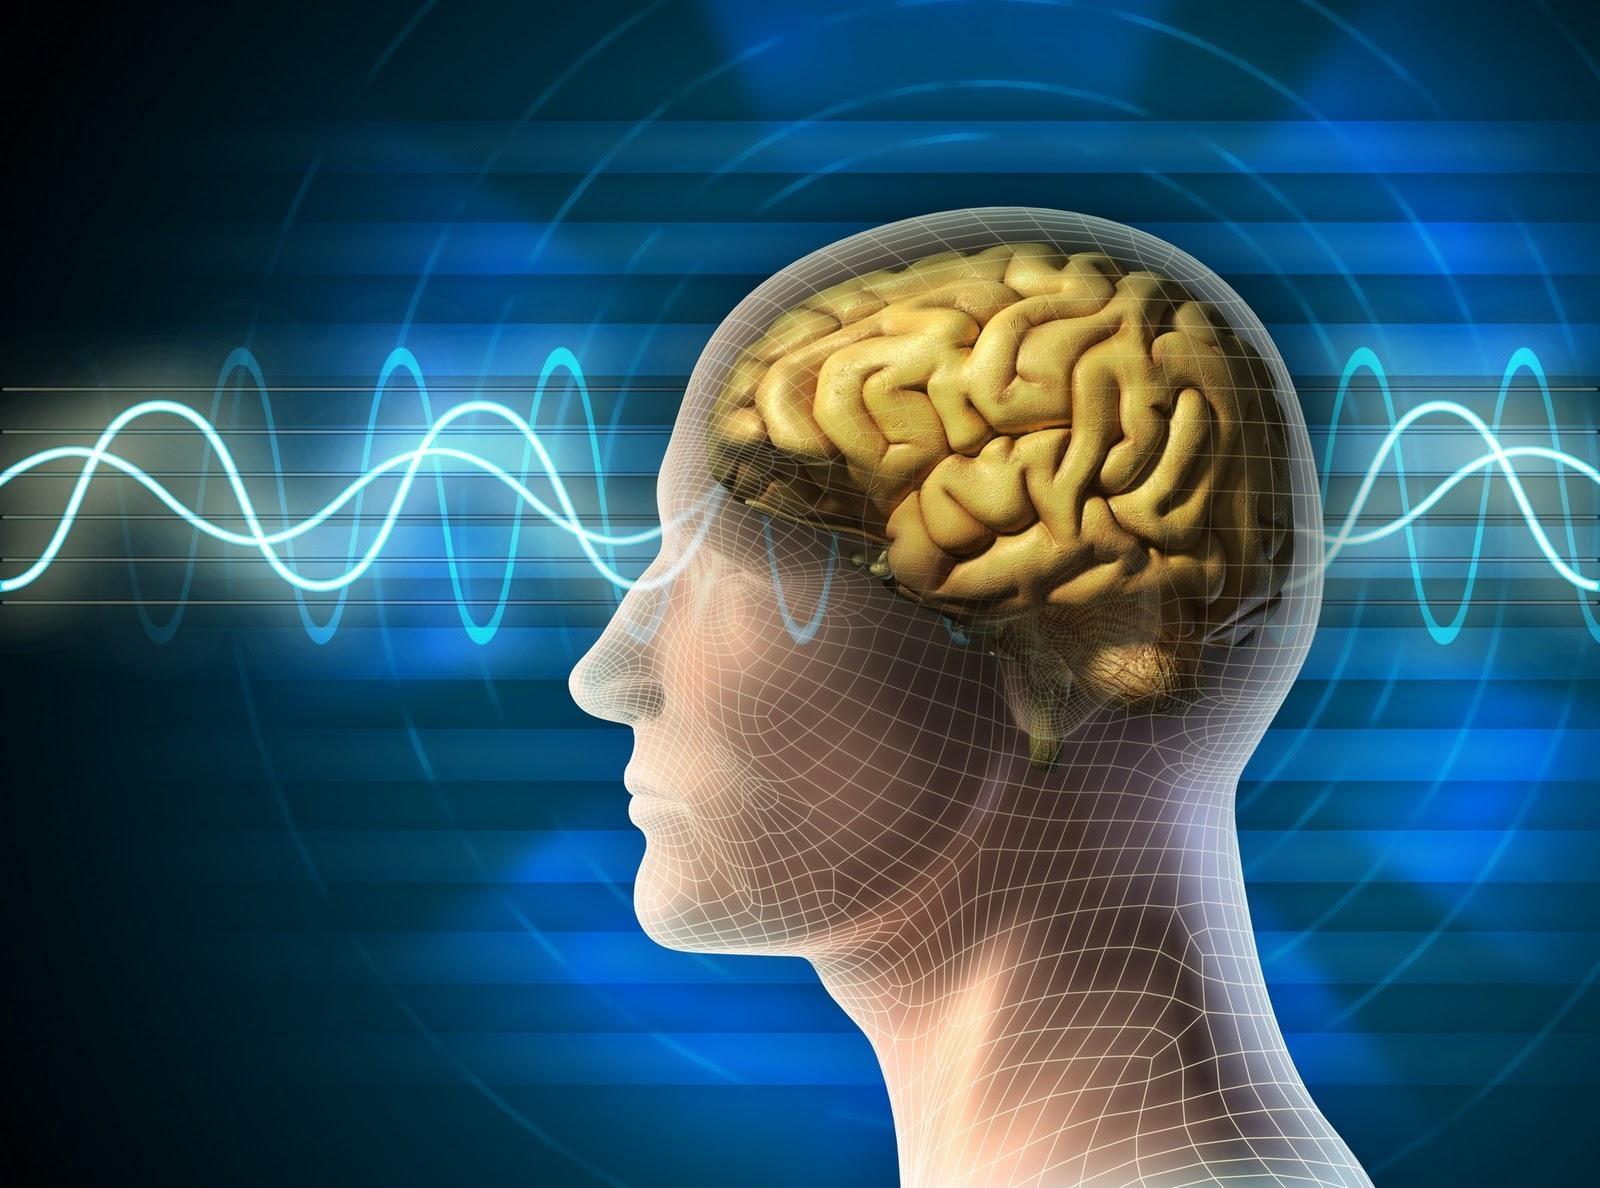 Музыка для стимуляции работы мозга